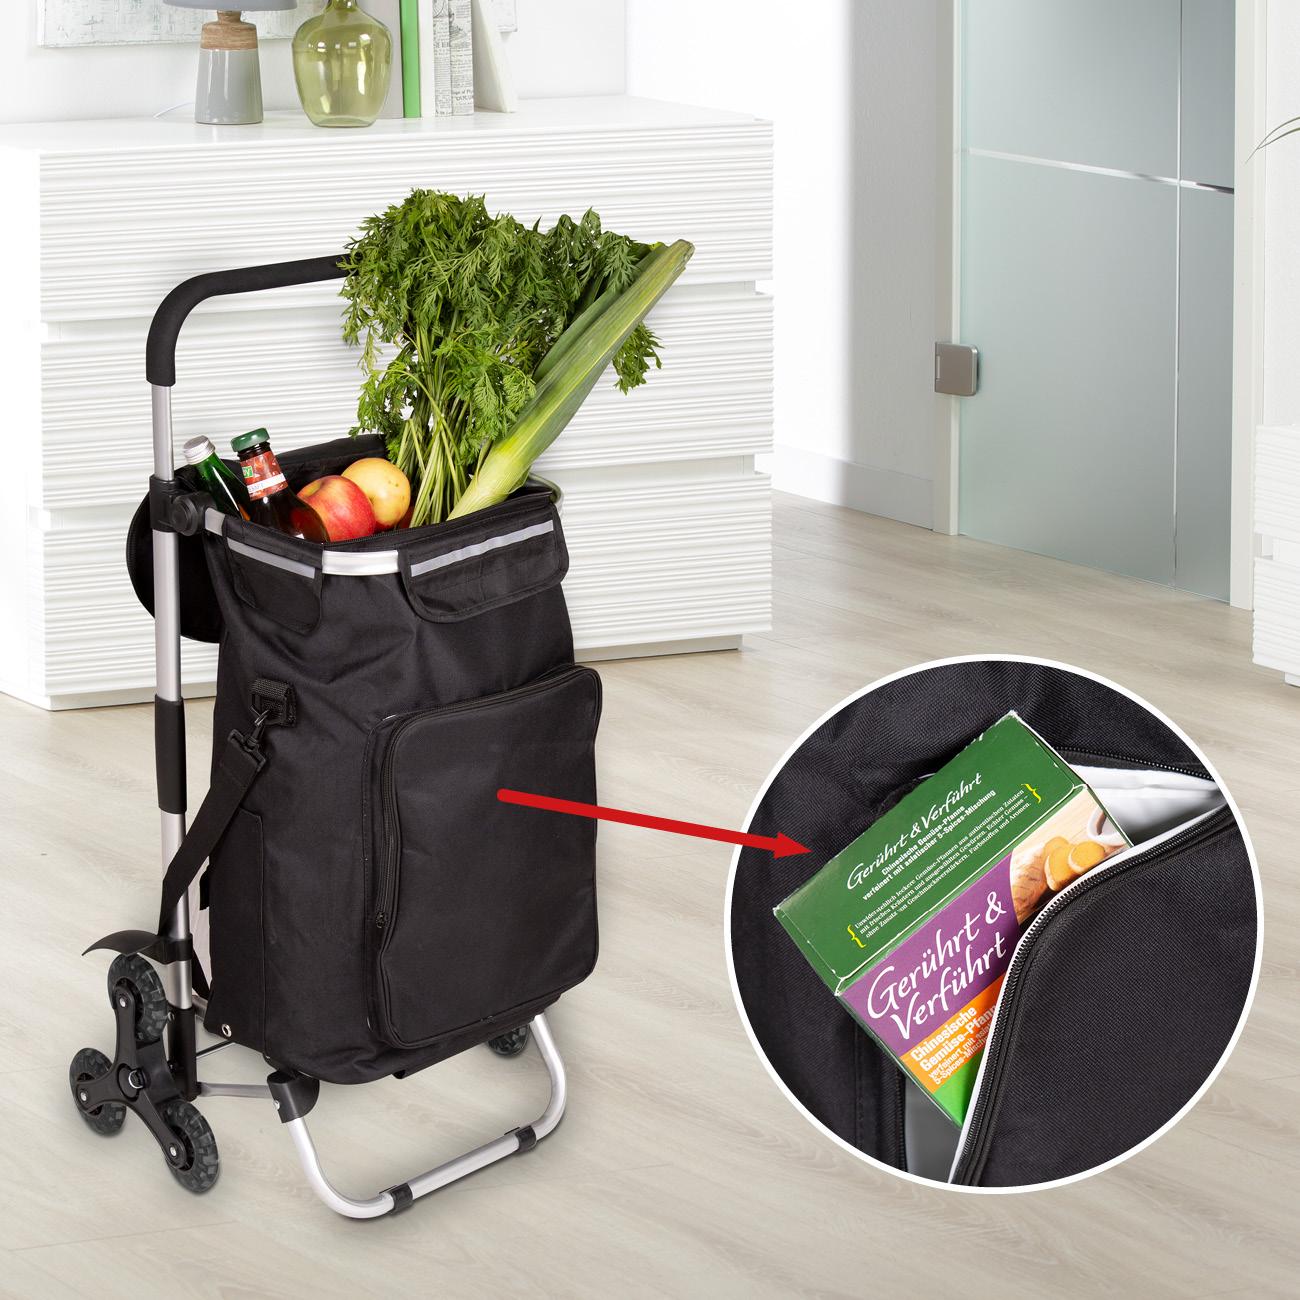 Treppensteiger-Einkaufsroller »Premium«, mit praktischer Themo-Isolierter Vordertasche und Reflektorstreifen am oberen Taschenrand für bessere Sichtbarkeit in der Dunkelheit.